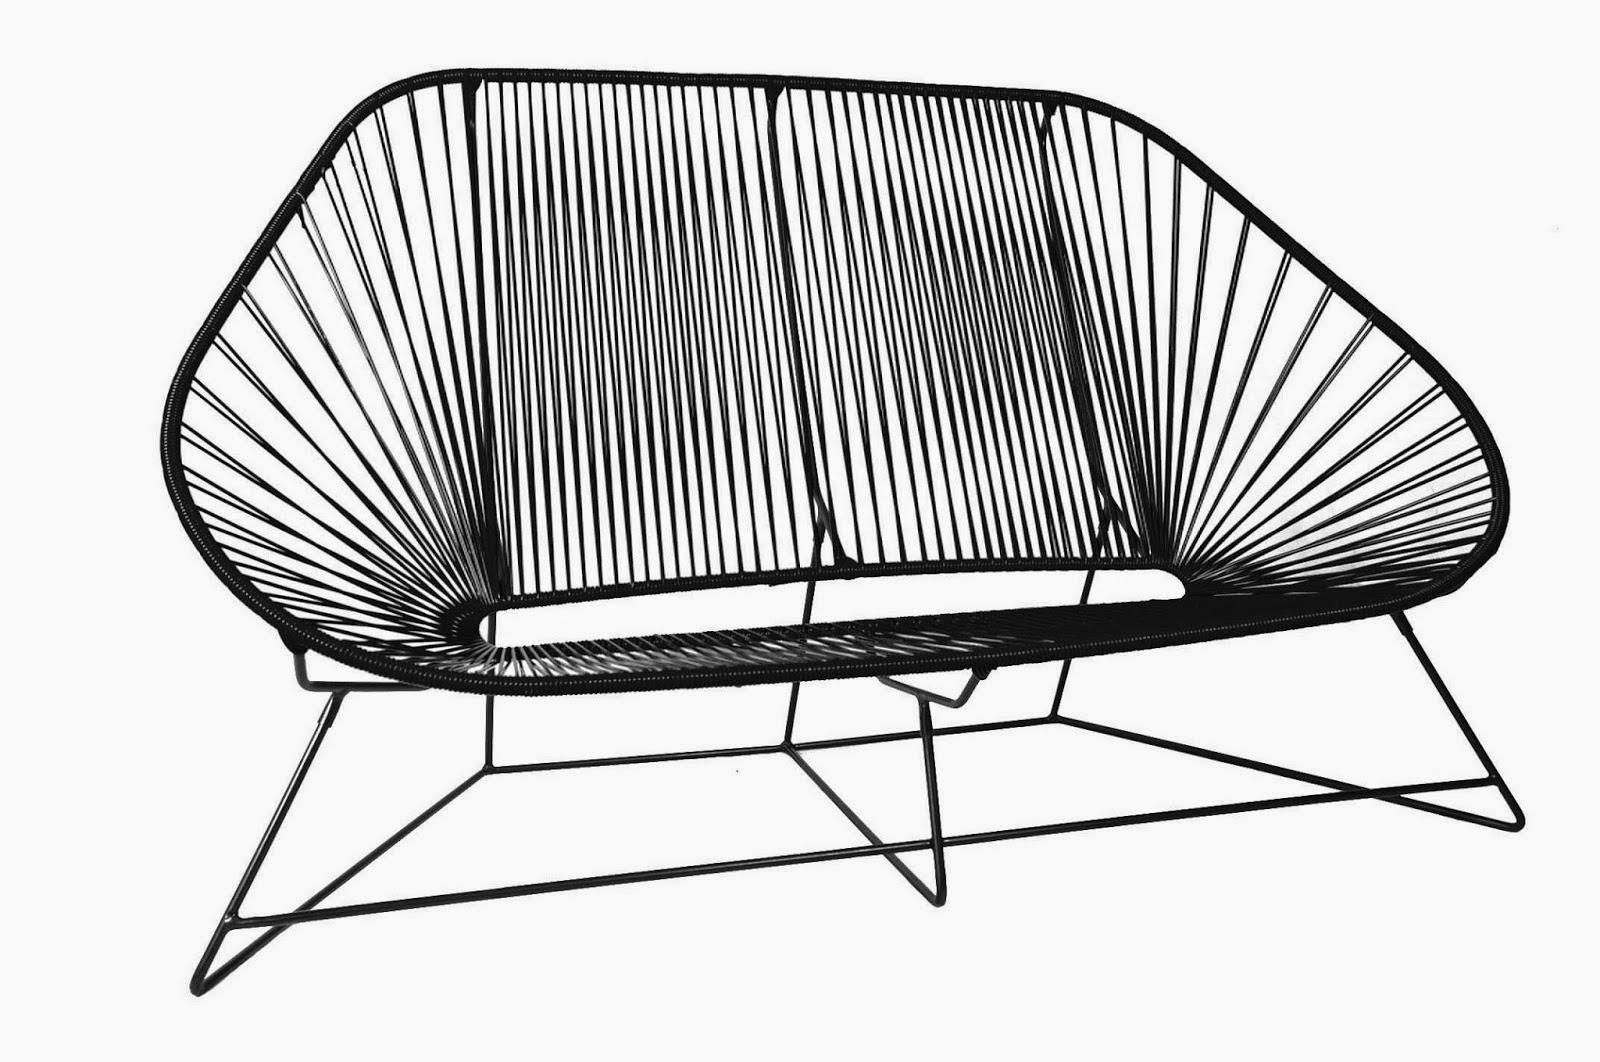 Historia del dise o industrial silla acapulco for Silla acapulco